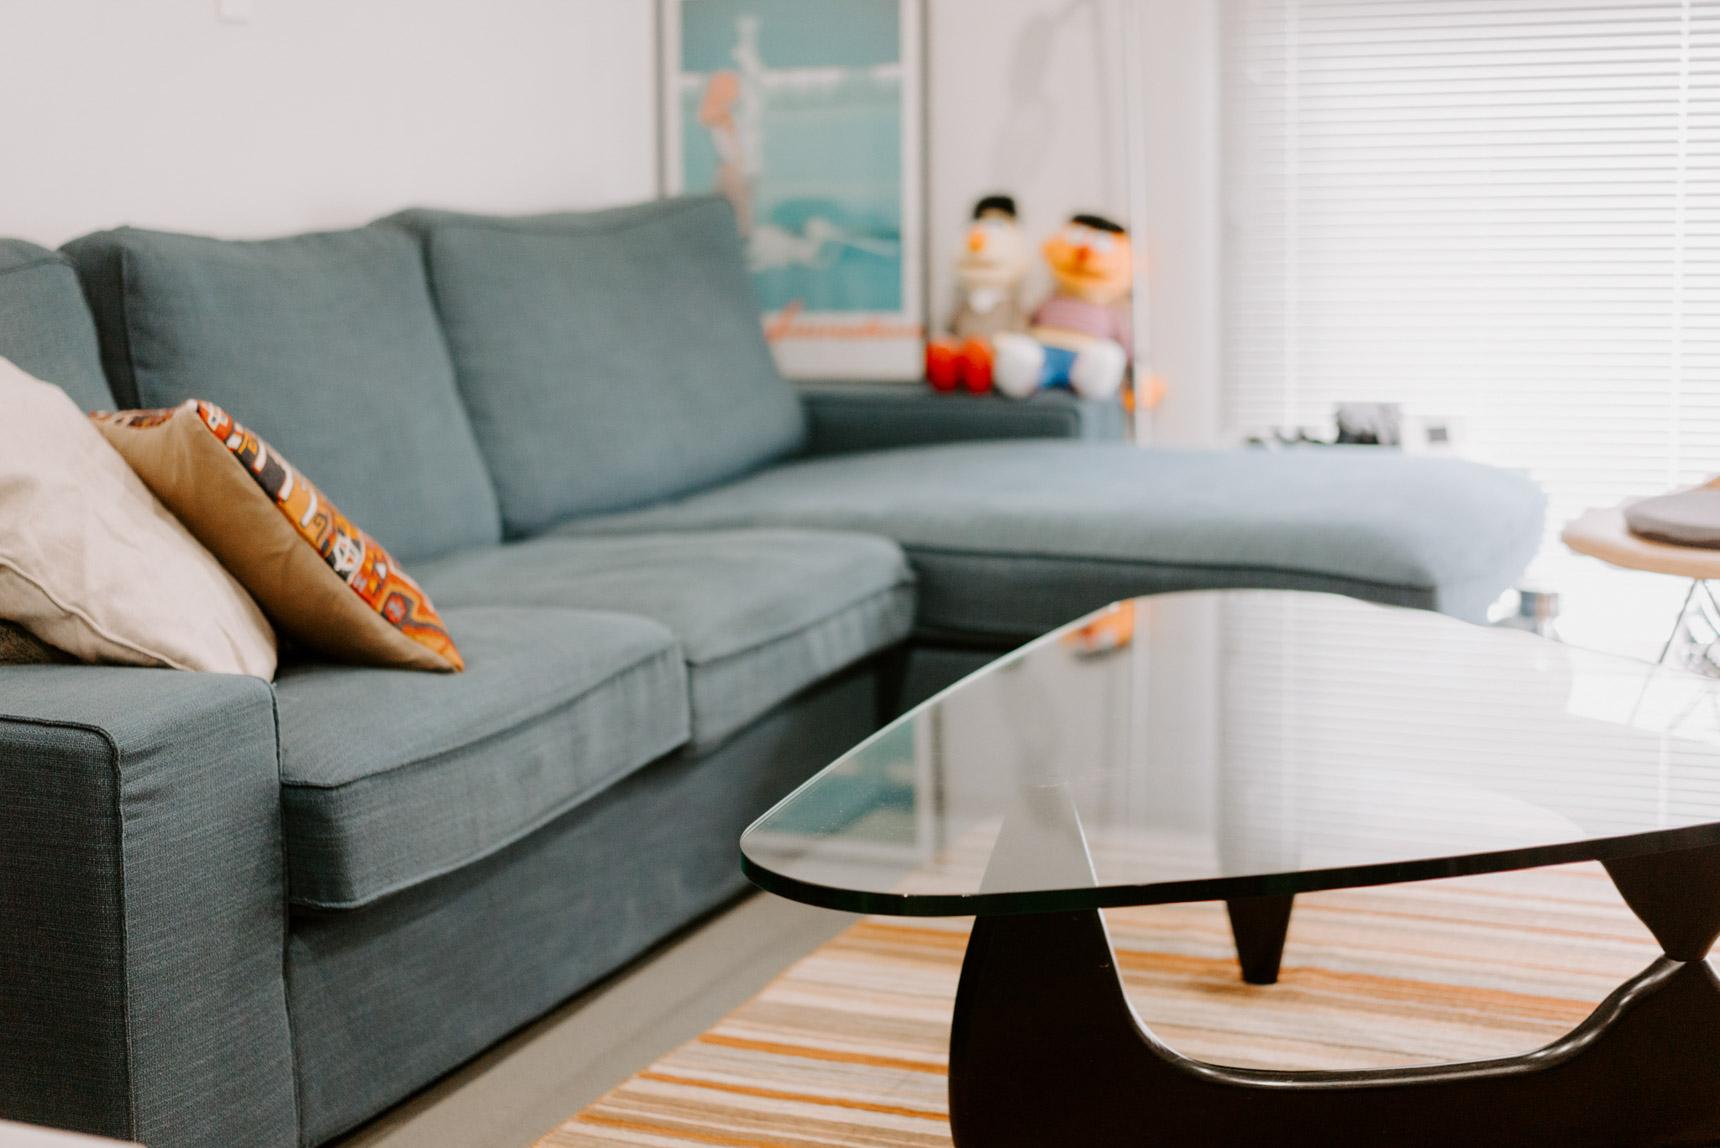 ソファも、この部屋に合わせてIKEAの大きなサイズのものに買い替え。テーブルはイサム・ノグチの不朽の名作、コーヒーテーブルのリプロダクト。